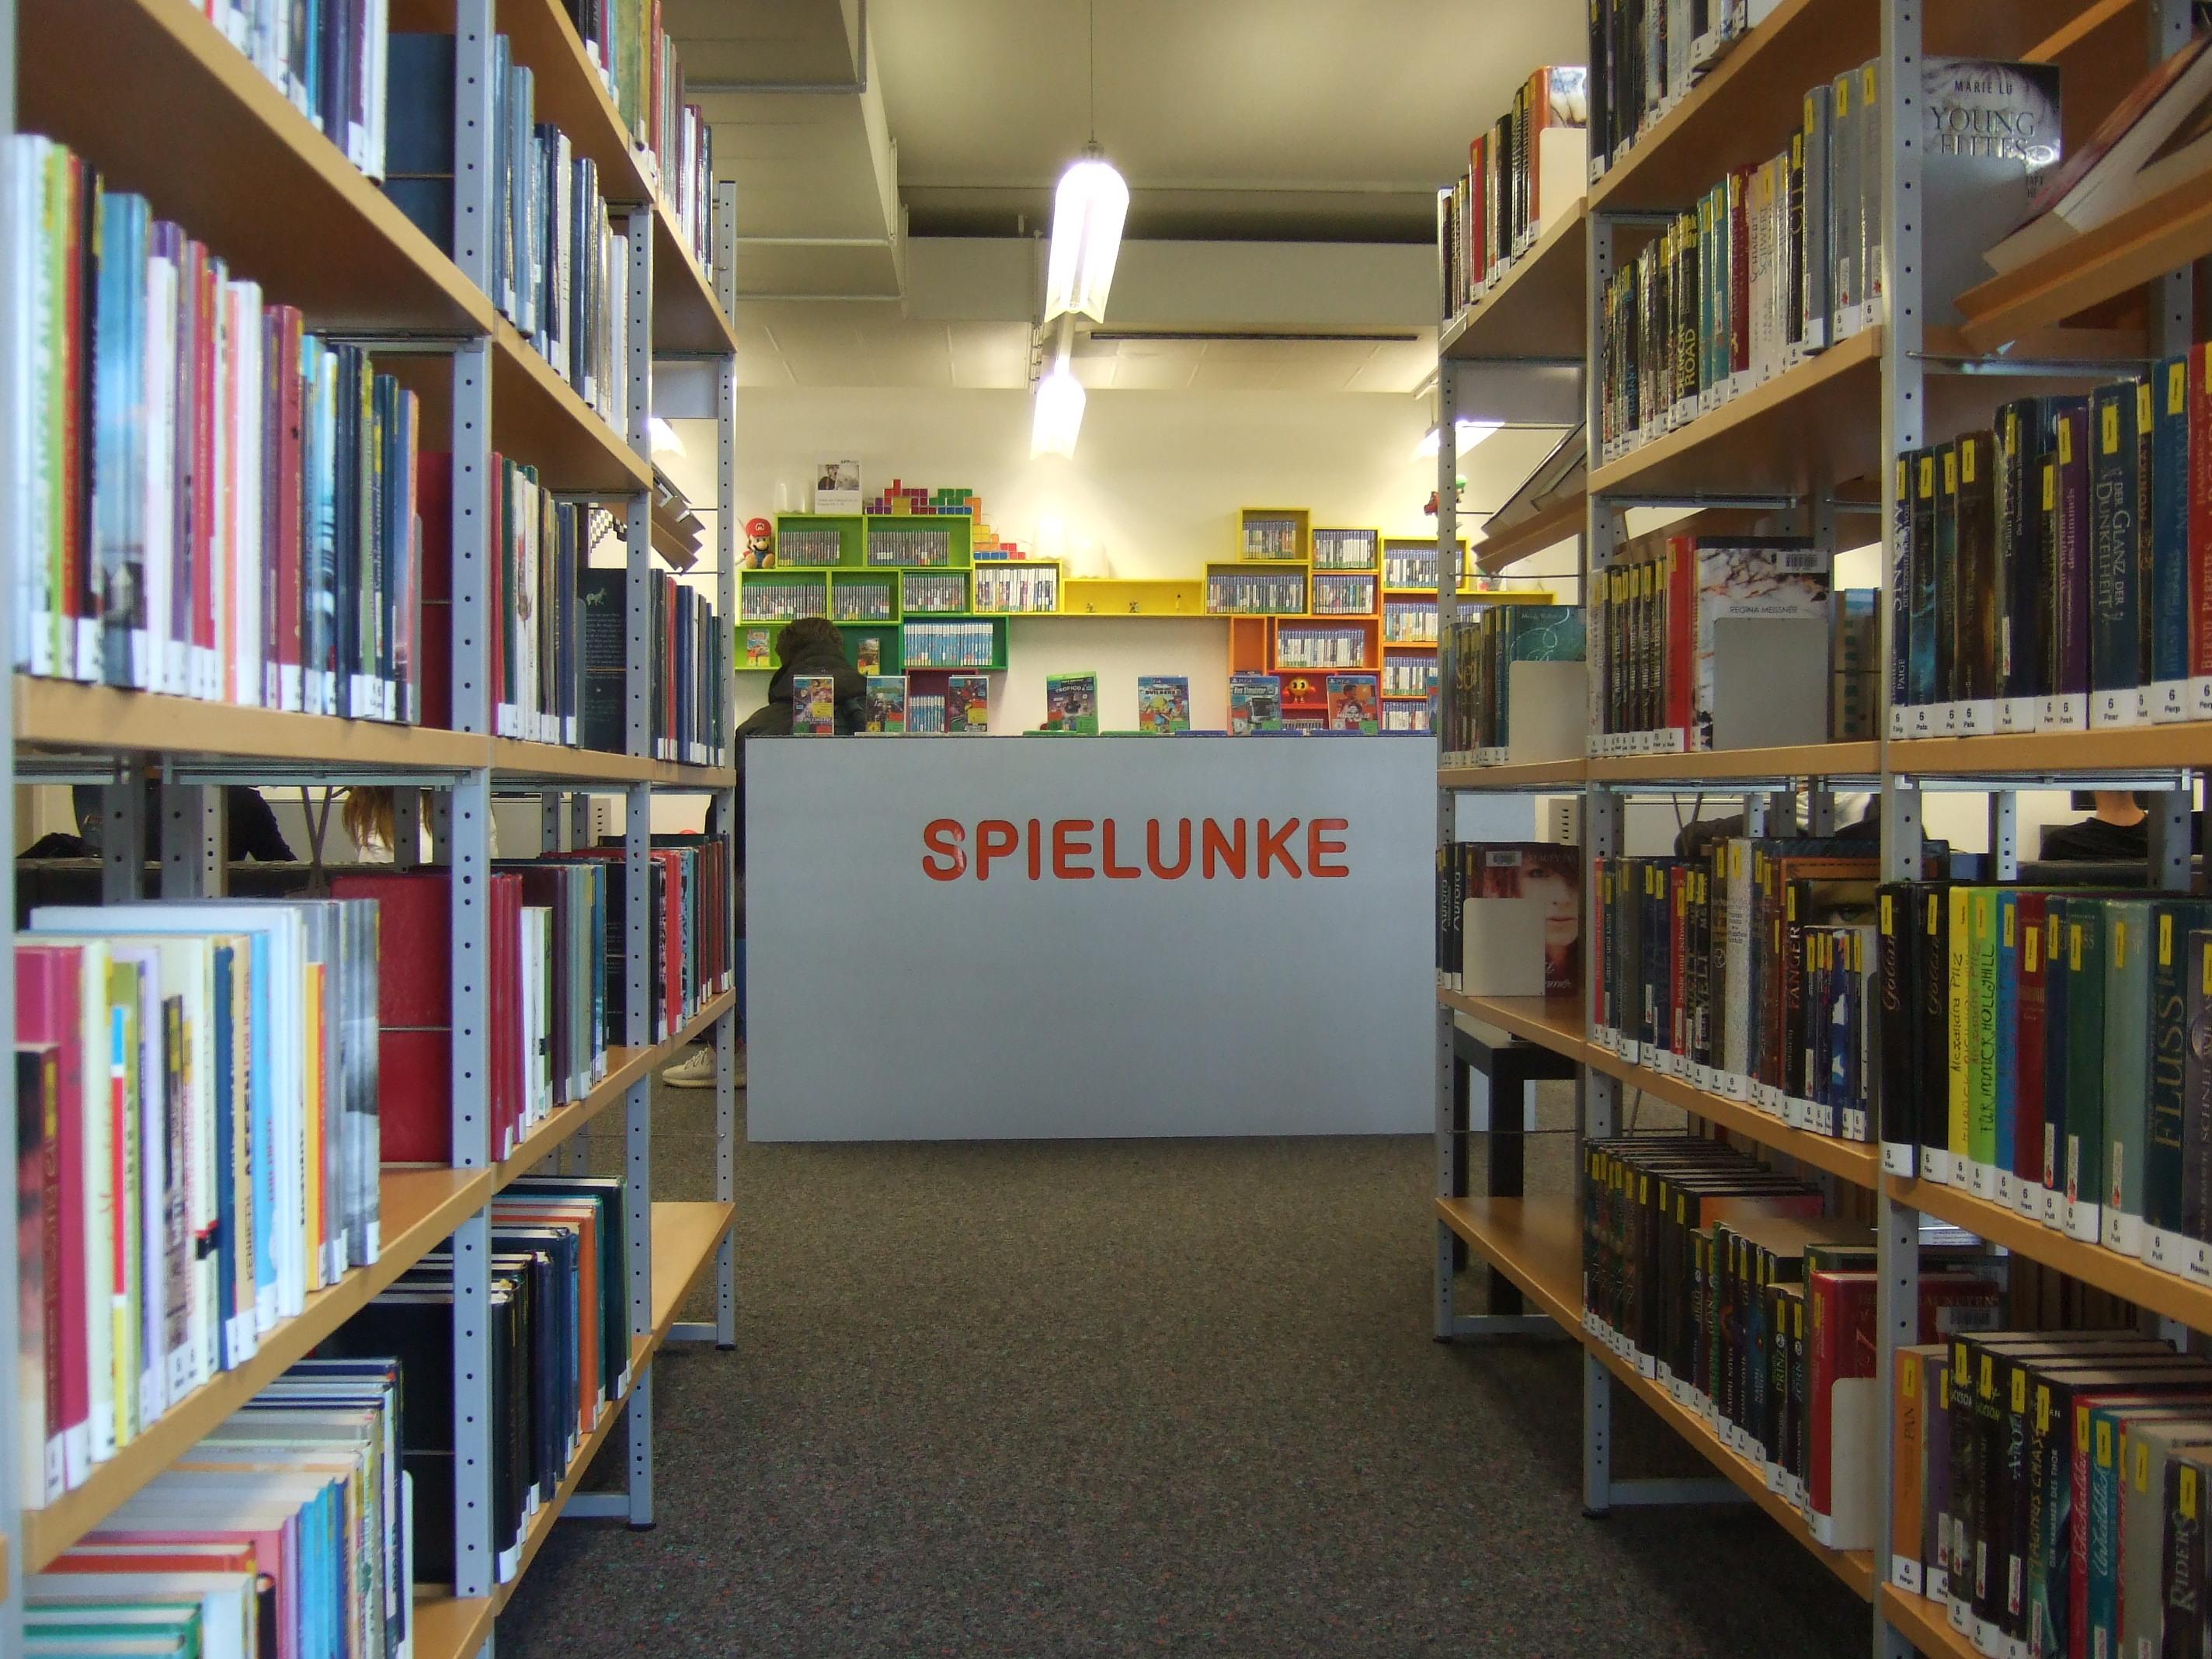 GRÜNE beantragen erweiterte Öffnungszeiten für die Stadtbibliothek